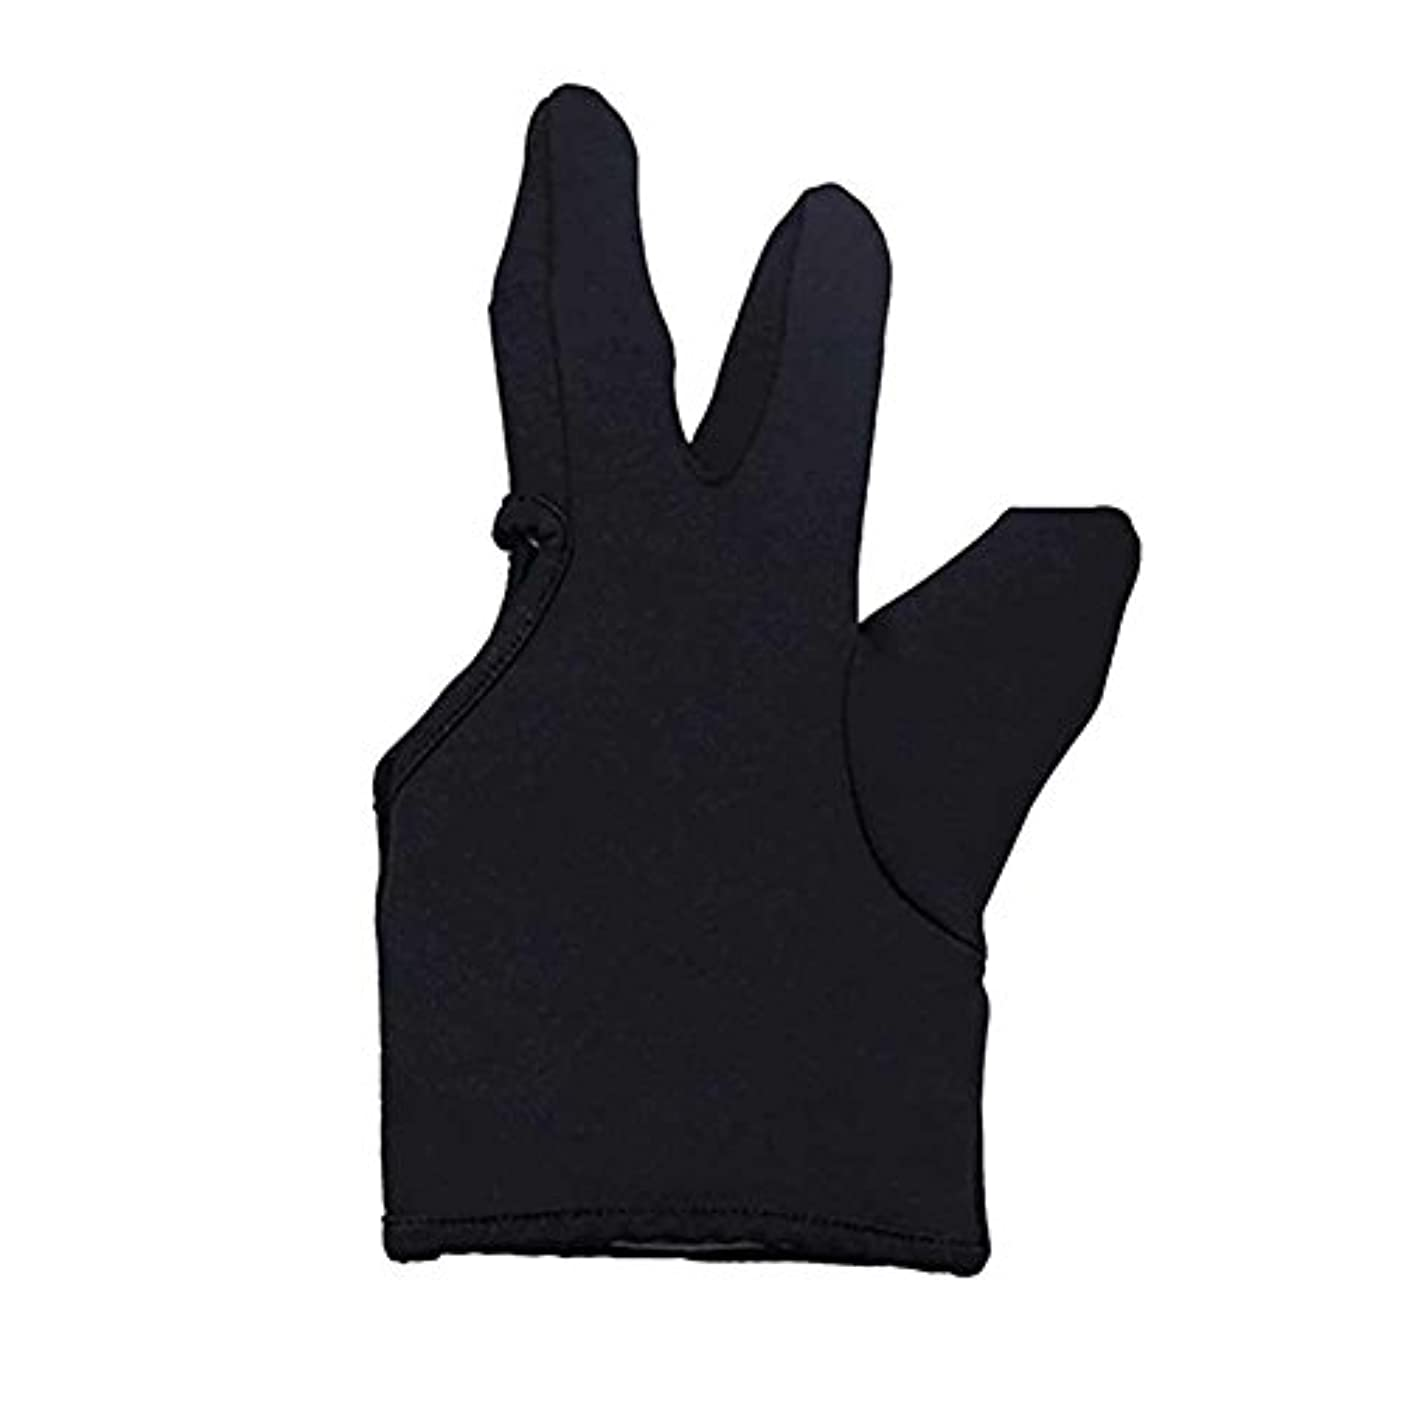 熱意挑発するサーバLiebeye 3本の指耐熱フィンガー保護手袋 ヘアスタイリングツール